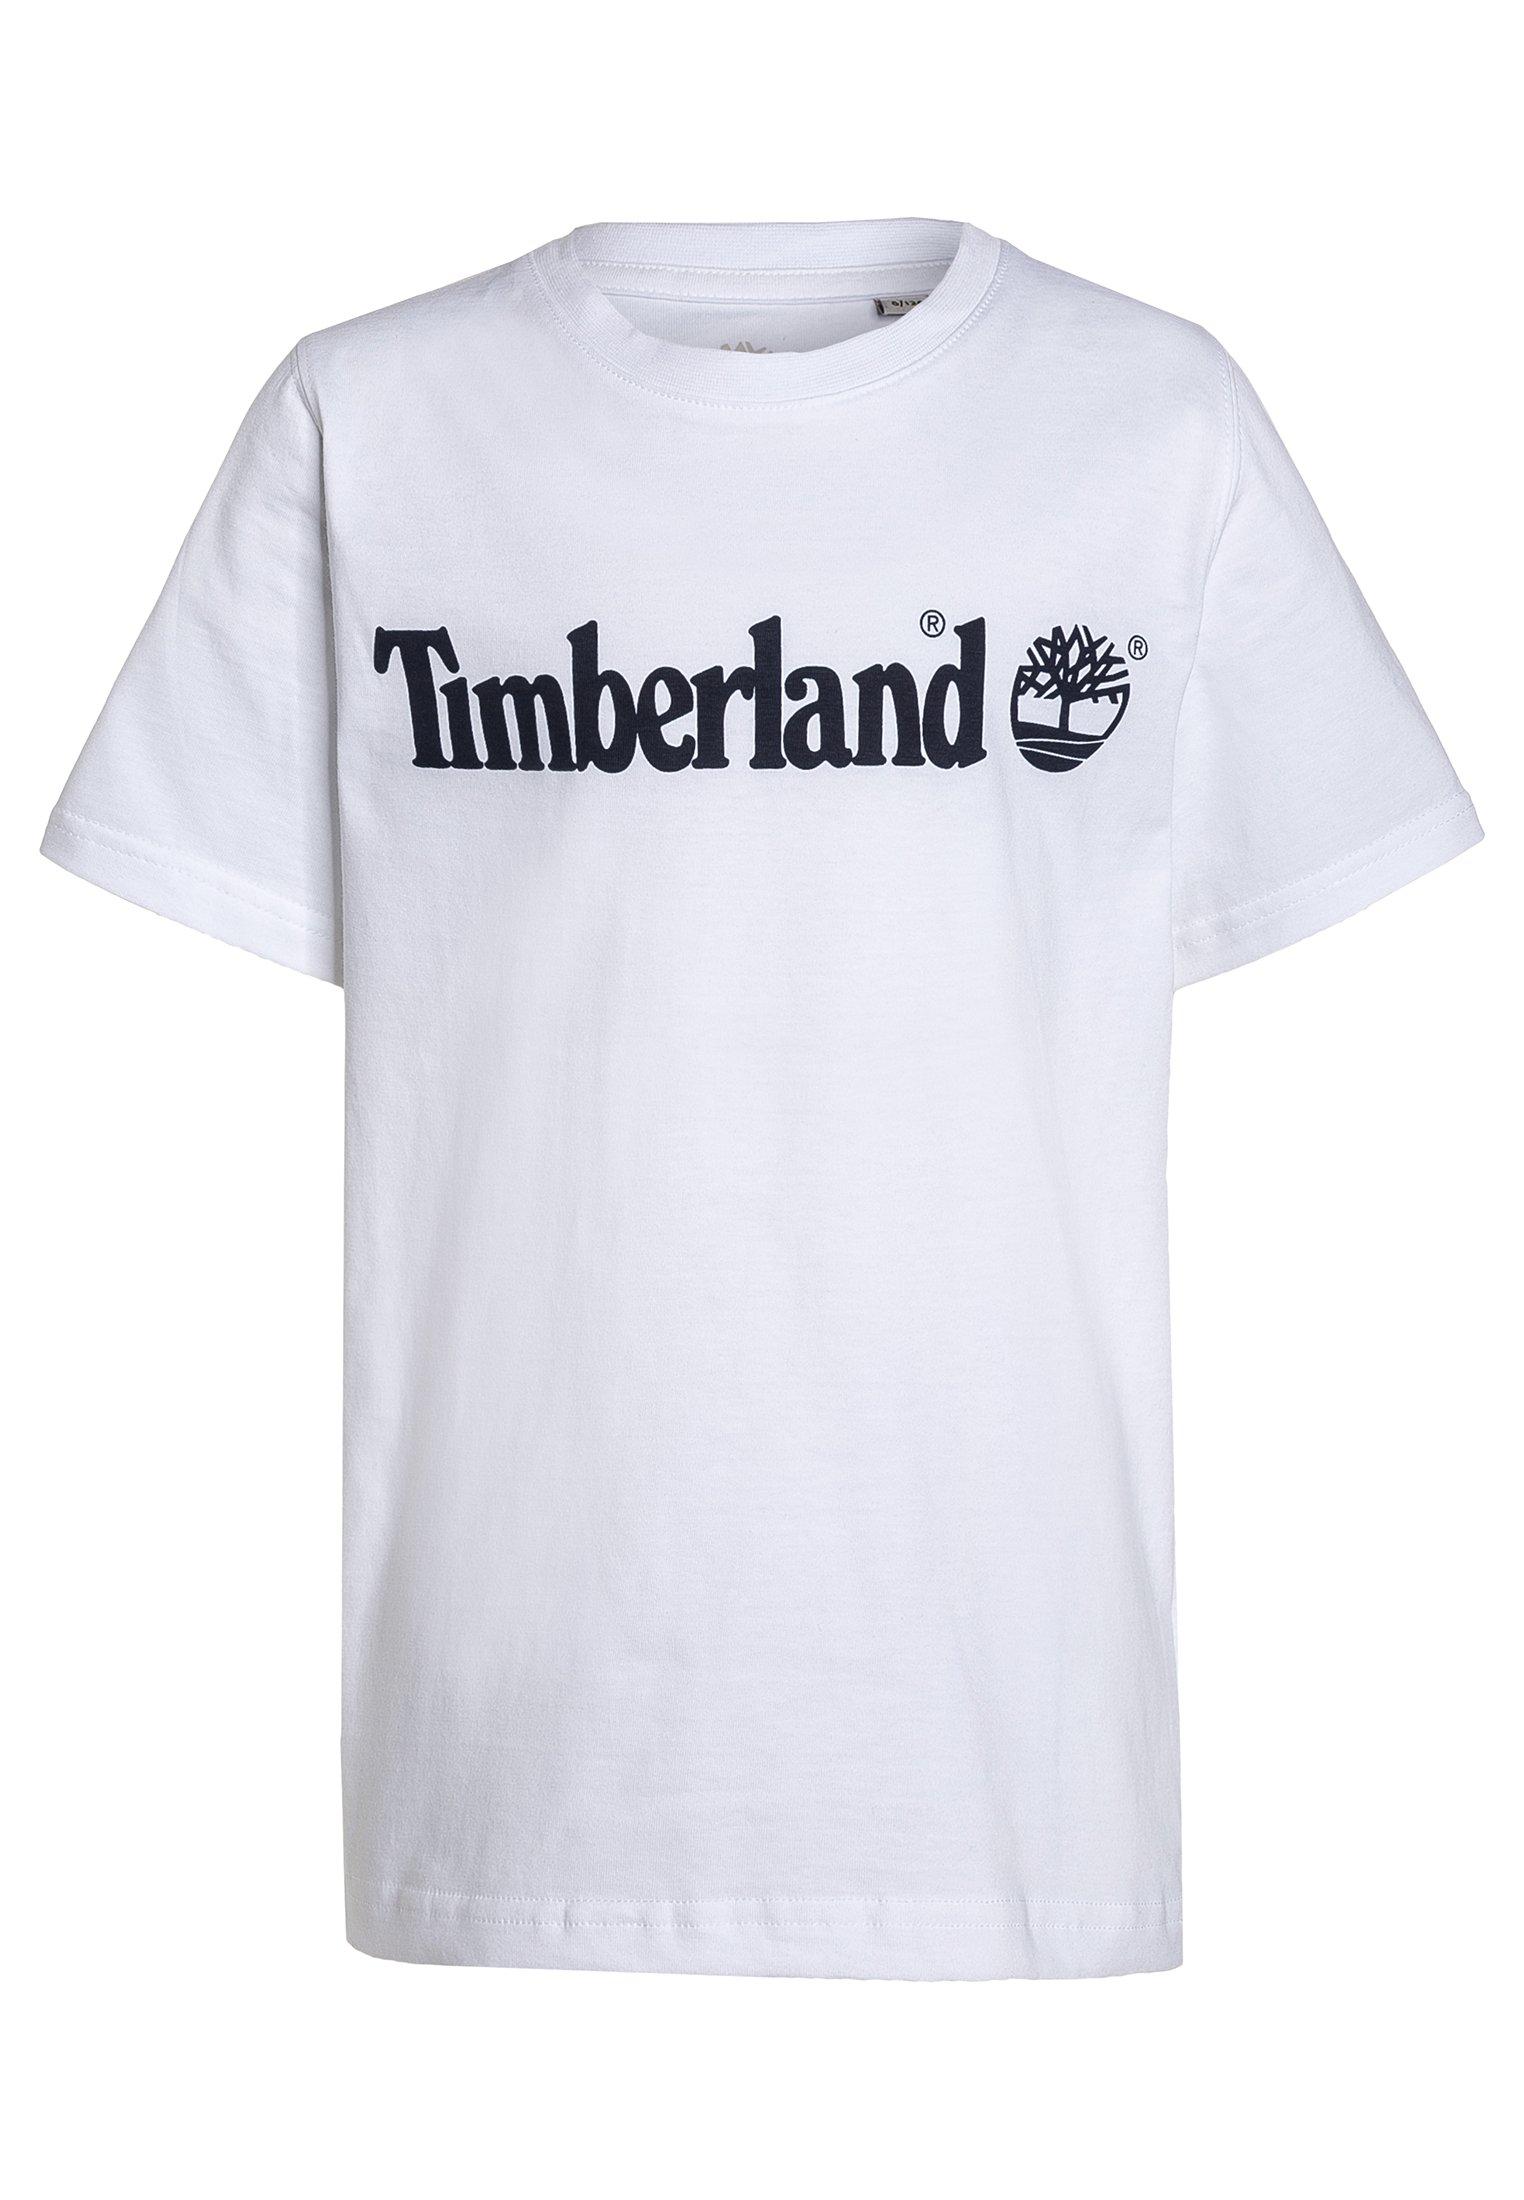 Timberland online   Den nye kolleksjonen på Zalando